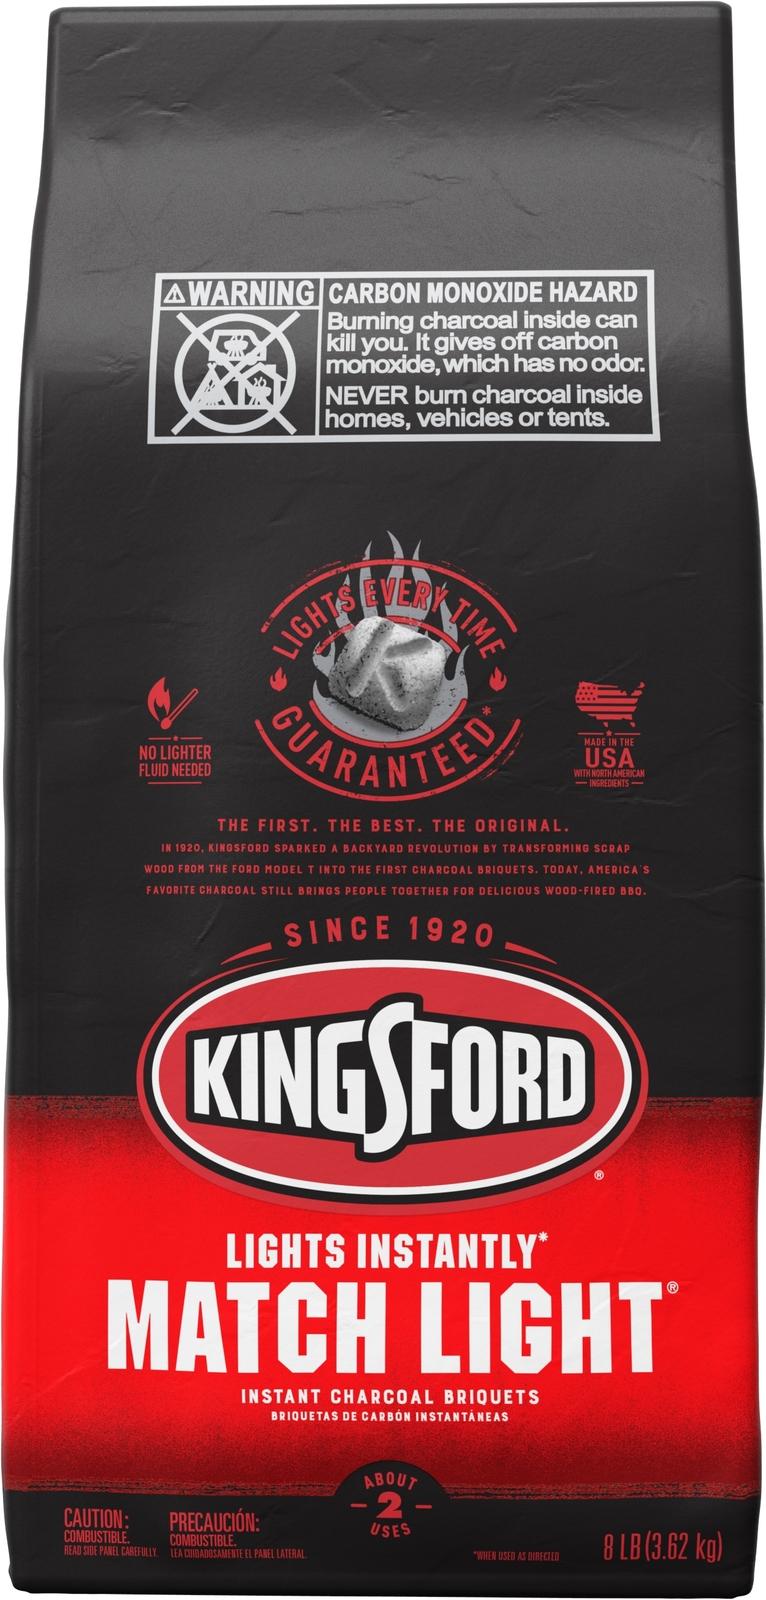 Kingsford *Match Light* Charcoal Briquettes (3.62KG) image